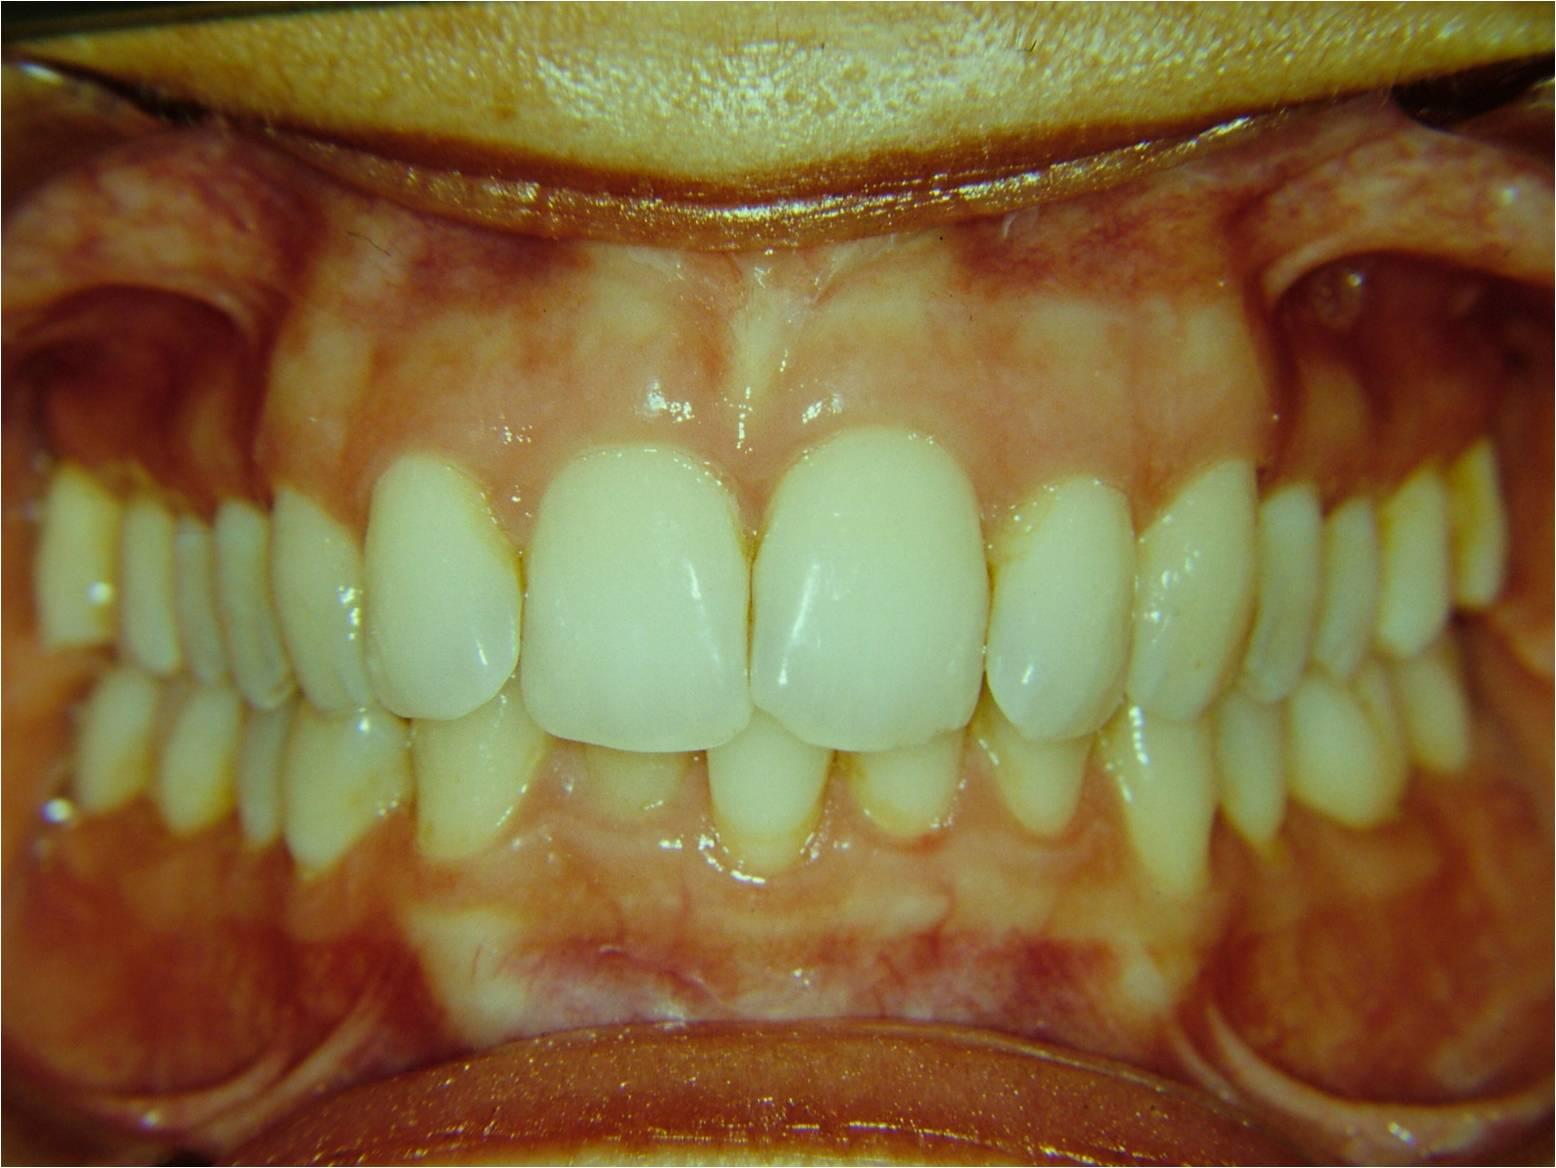 Damon il sistema ortodontico meraviglioso - il caso impossibile